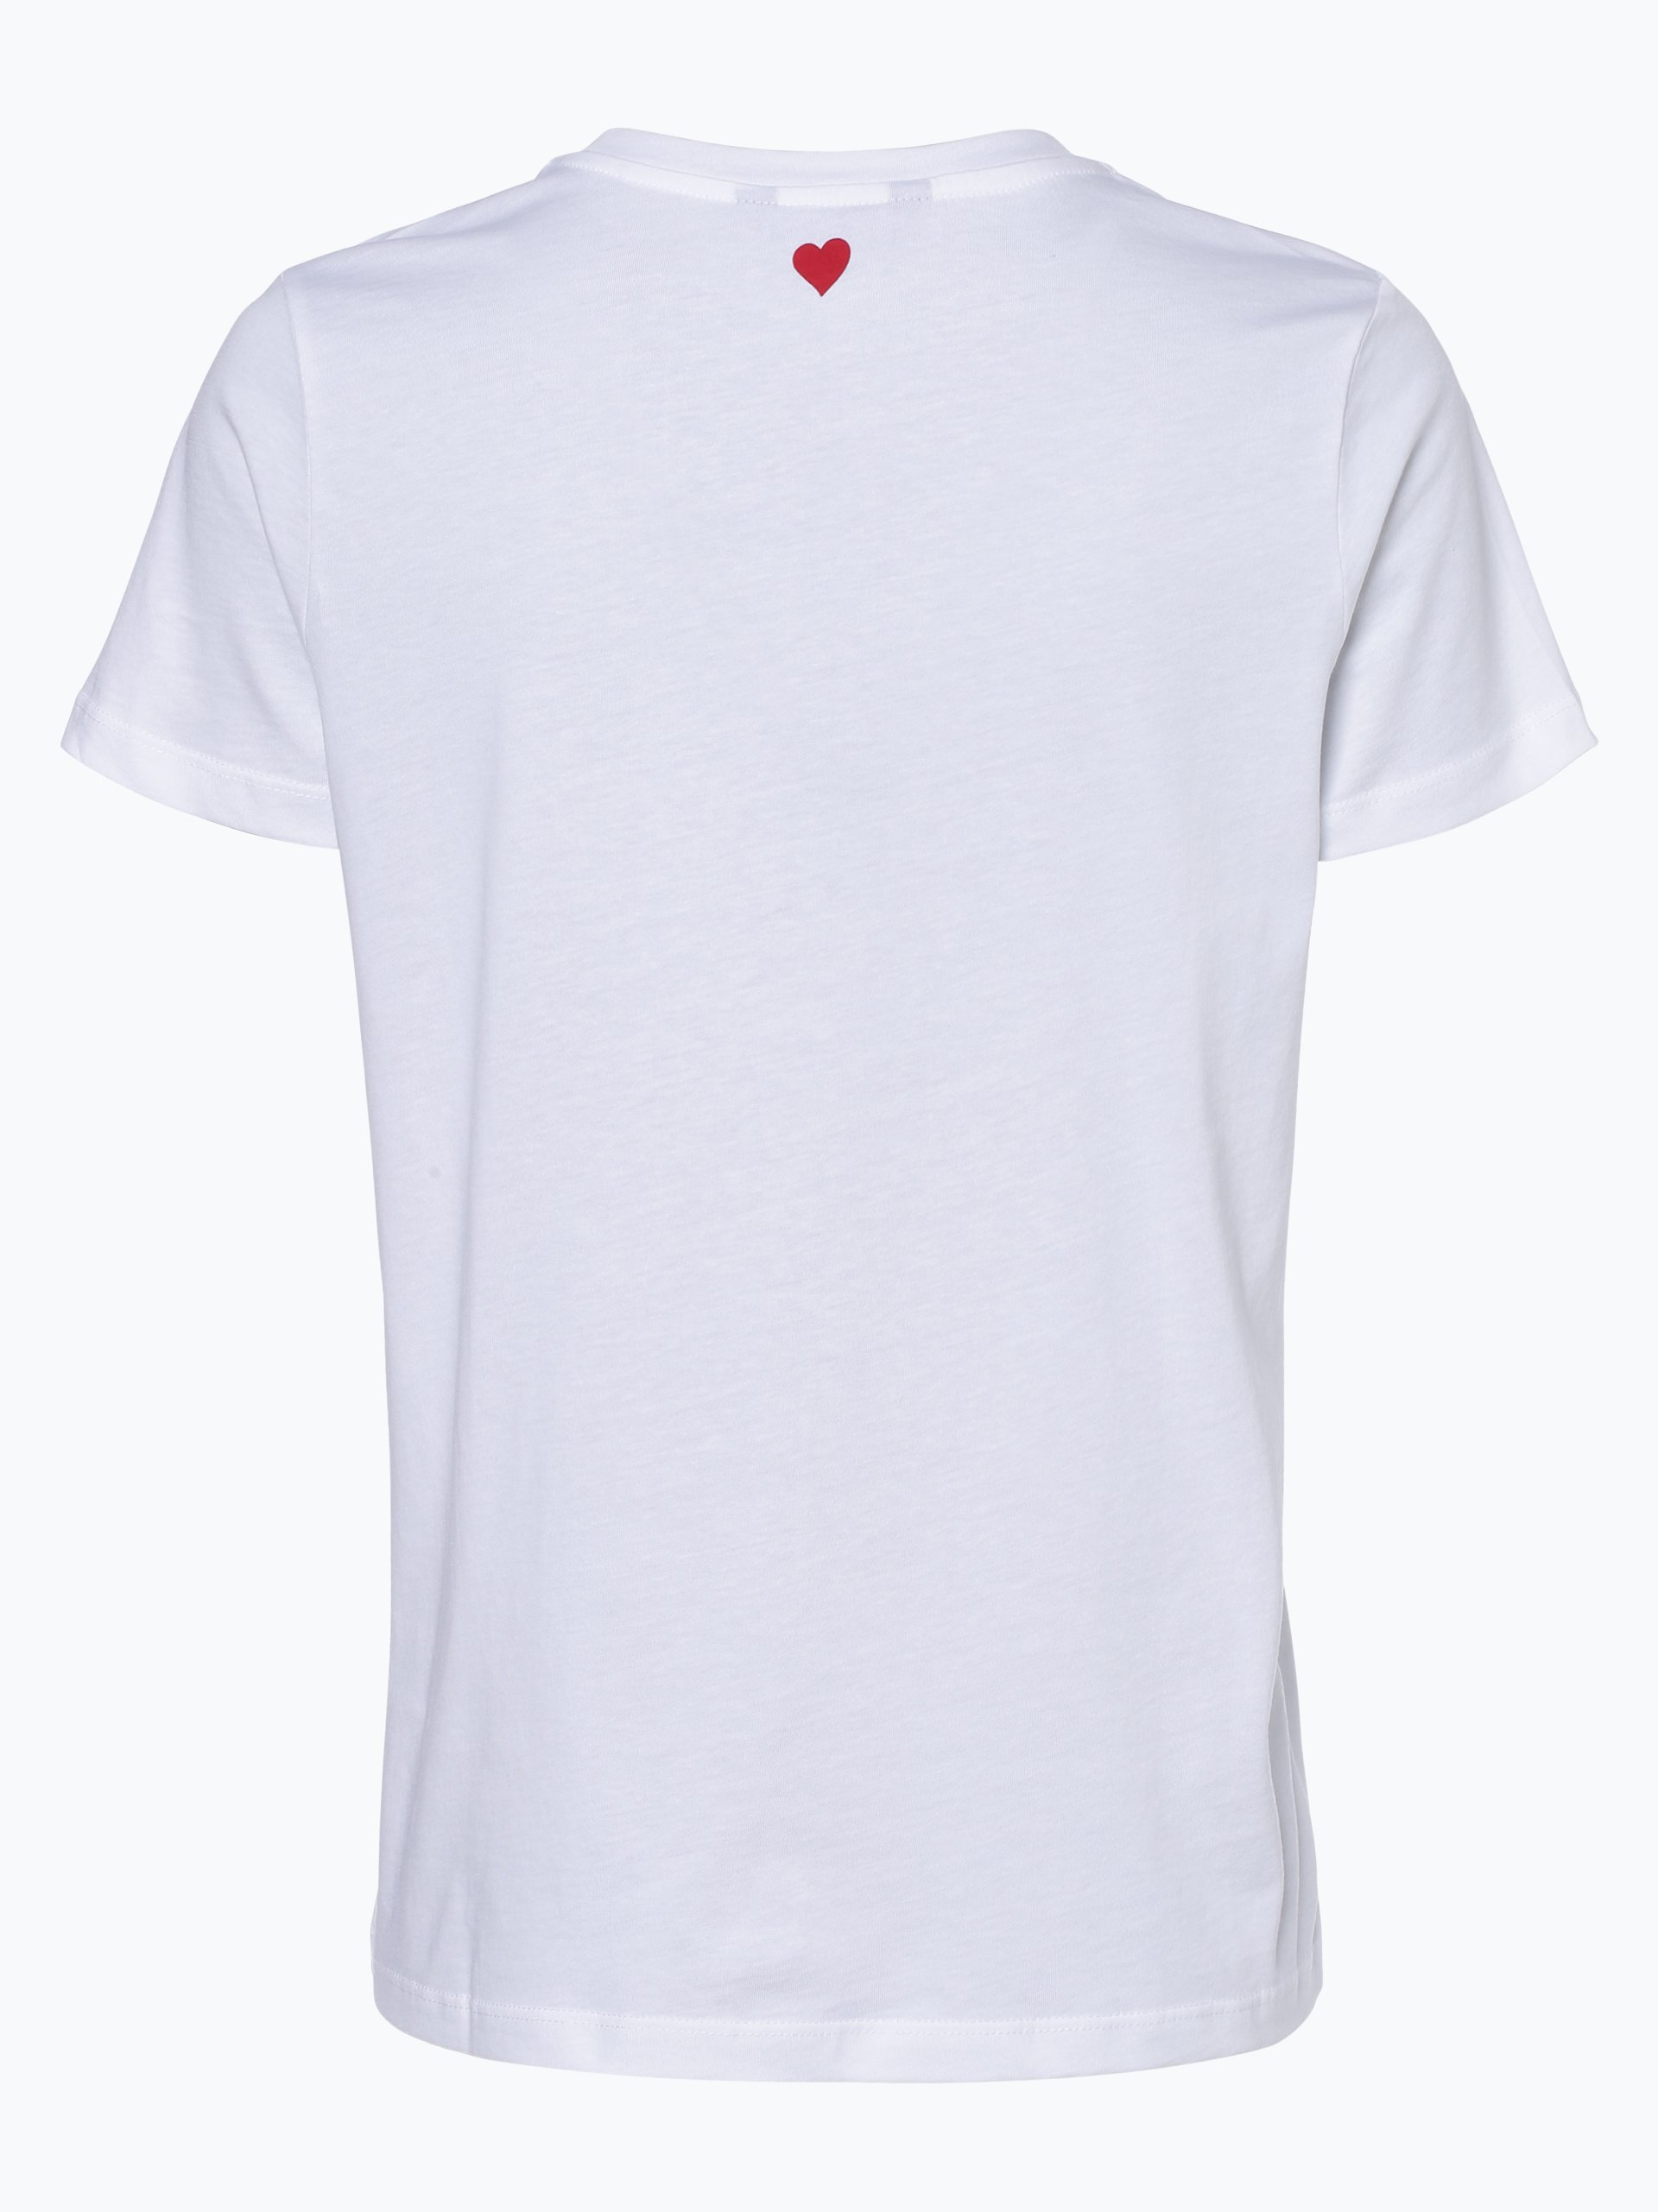 tommy hilfiger damen t shirt wei uni online kaufen peek und cloppenburg de. Black Bedroom Furniture Sets. Home Design Ideas